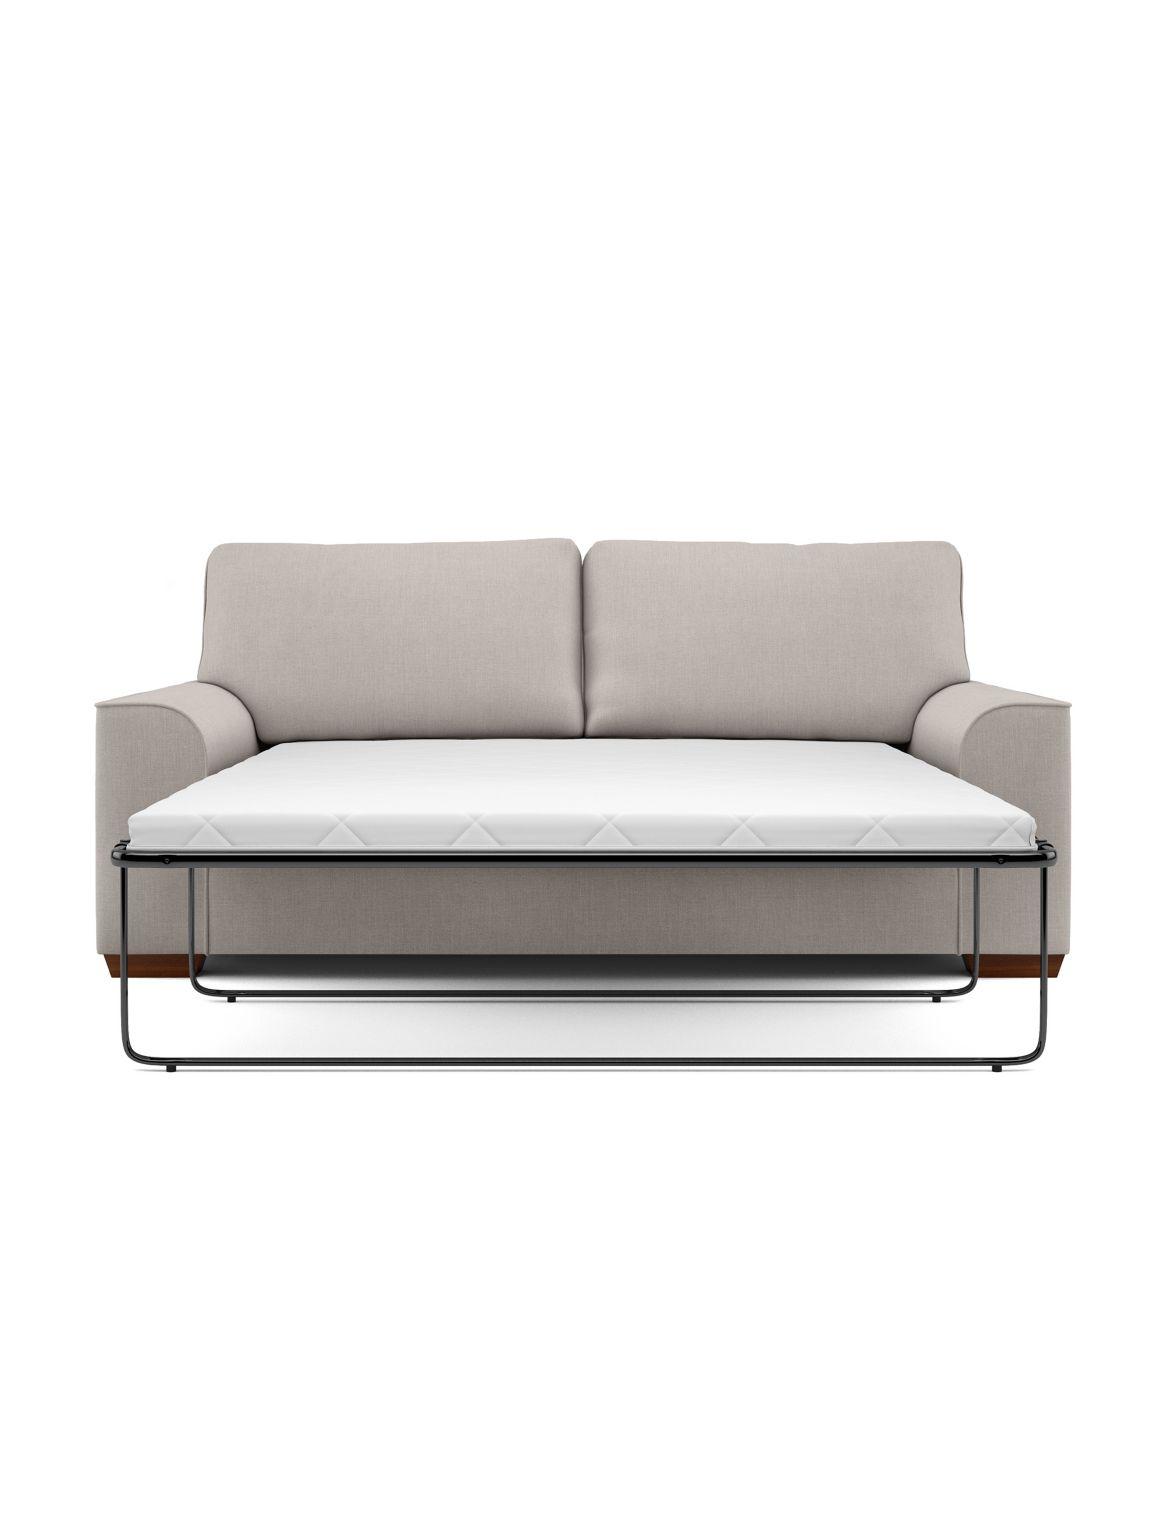 Nantucket Large Sofa Bed (Sprung Mattress) Beige